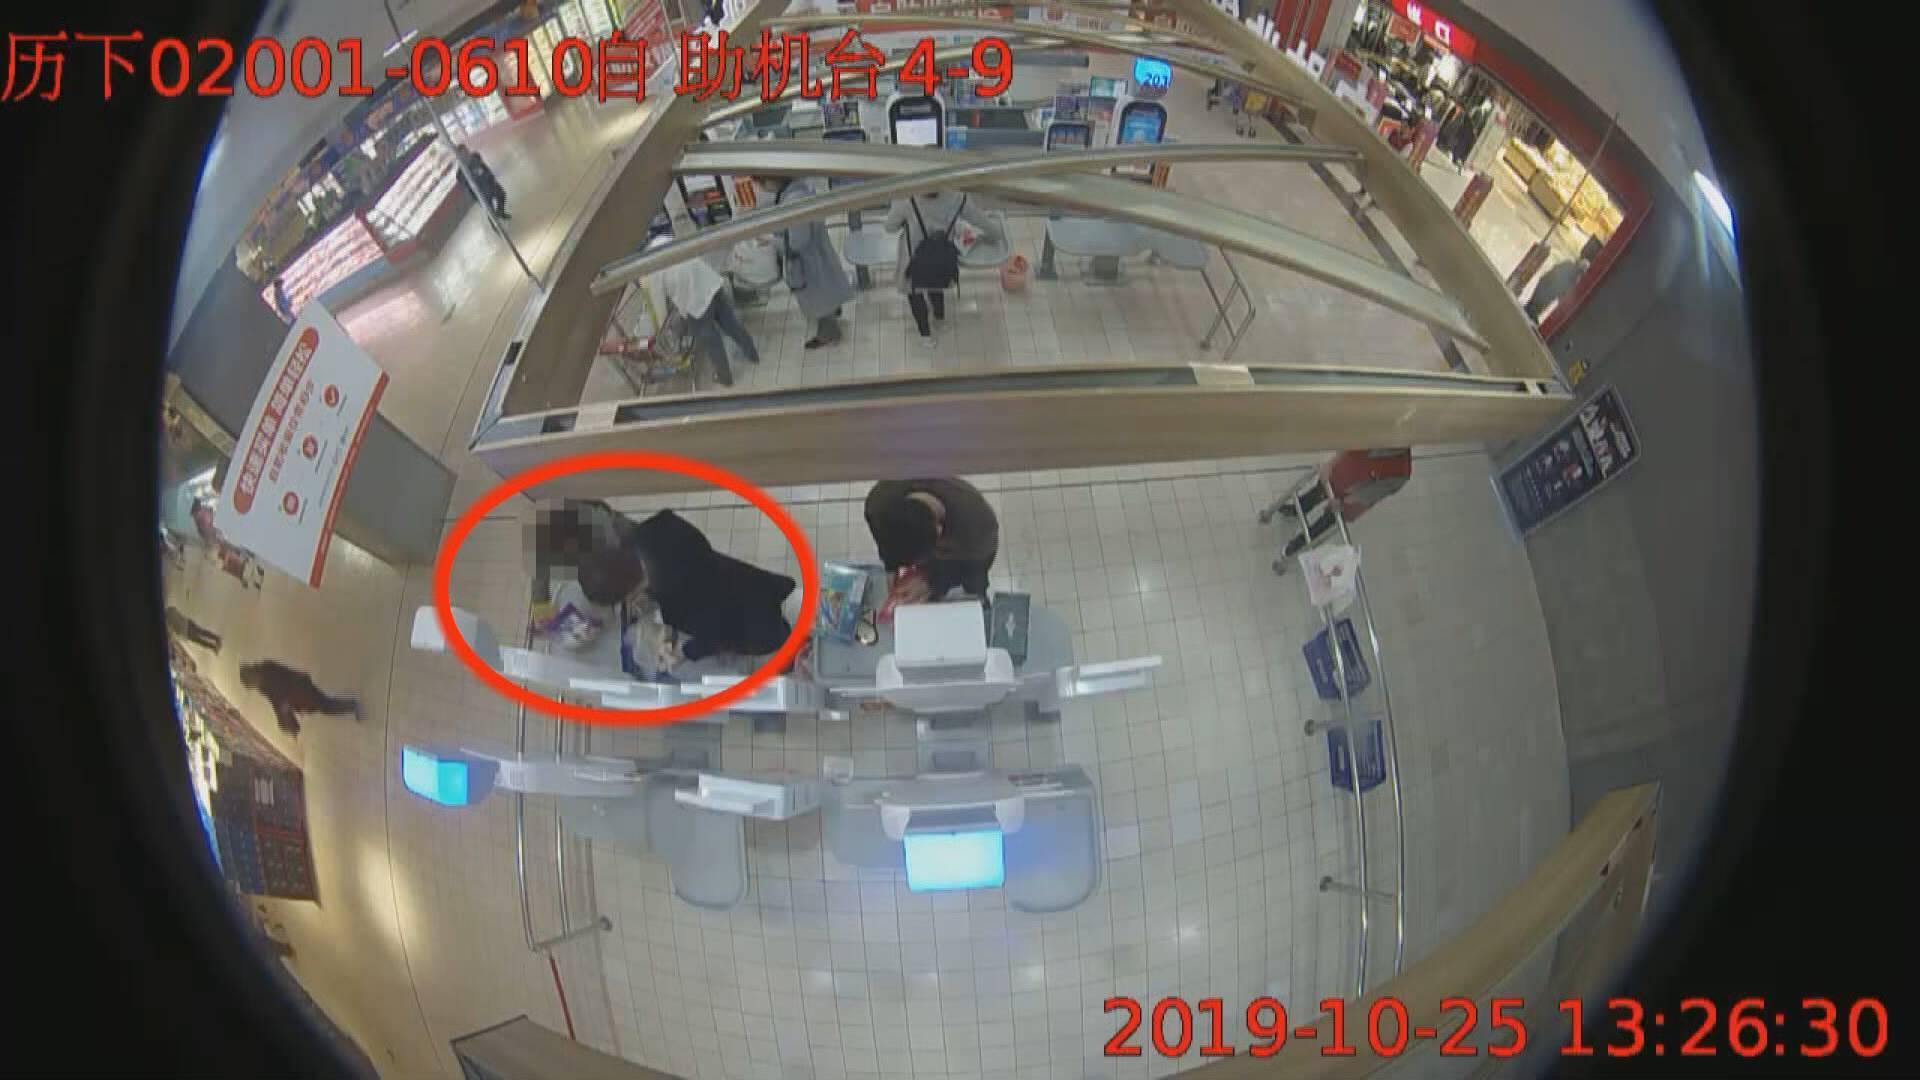 50秒 |  自助结帐800变100? 济南两姐弟超市盗窃被抓